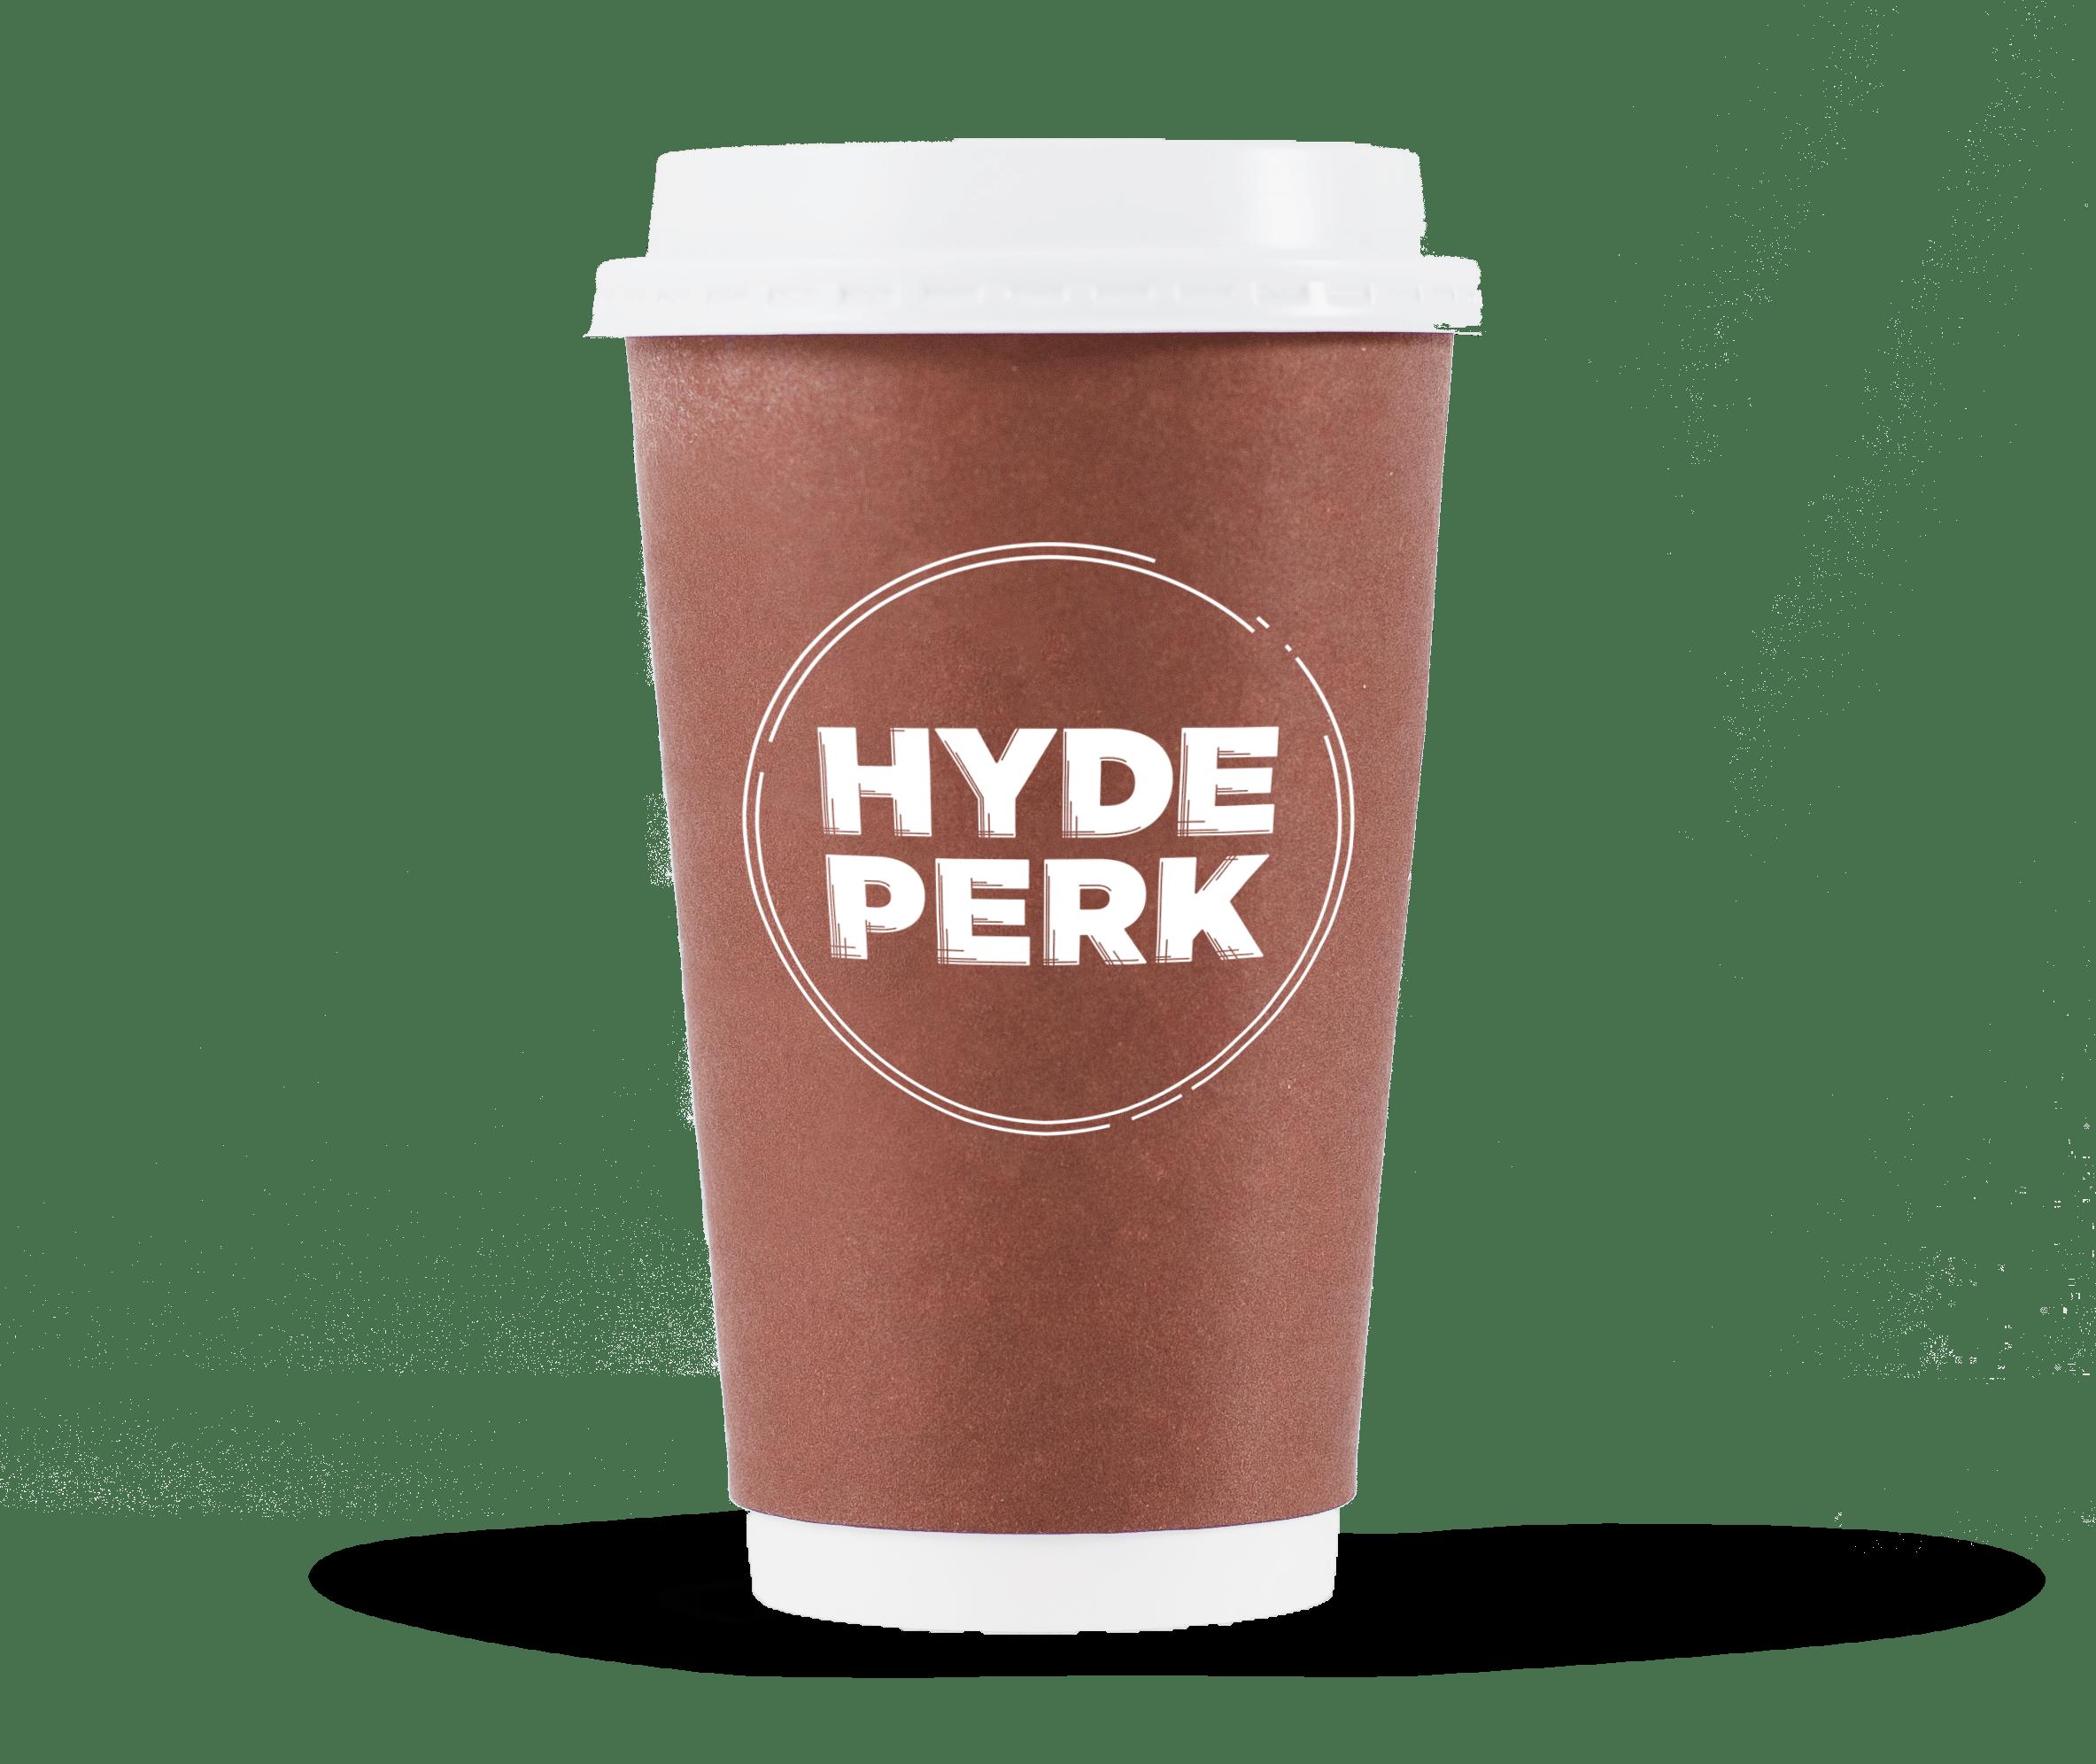 Hyde Perk Coffee Cup.png